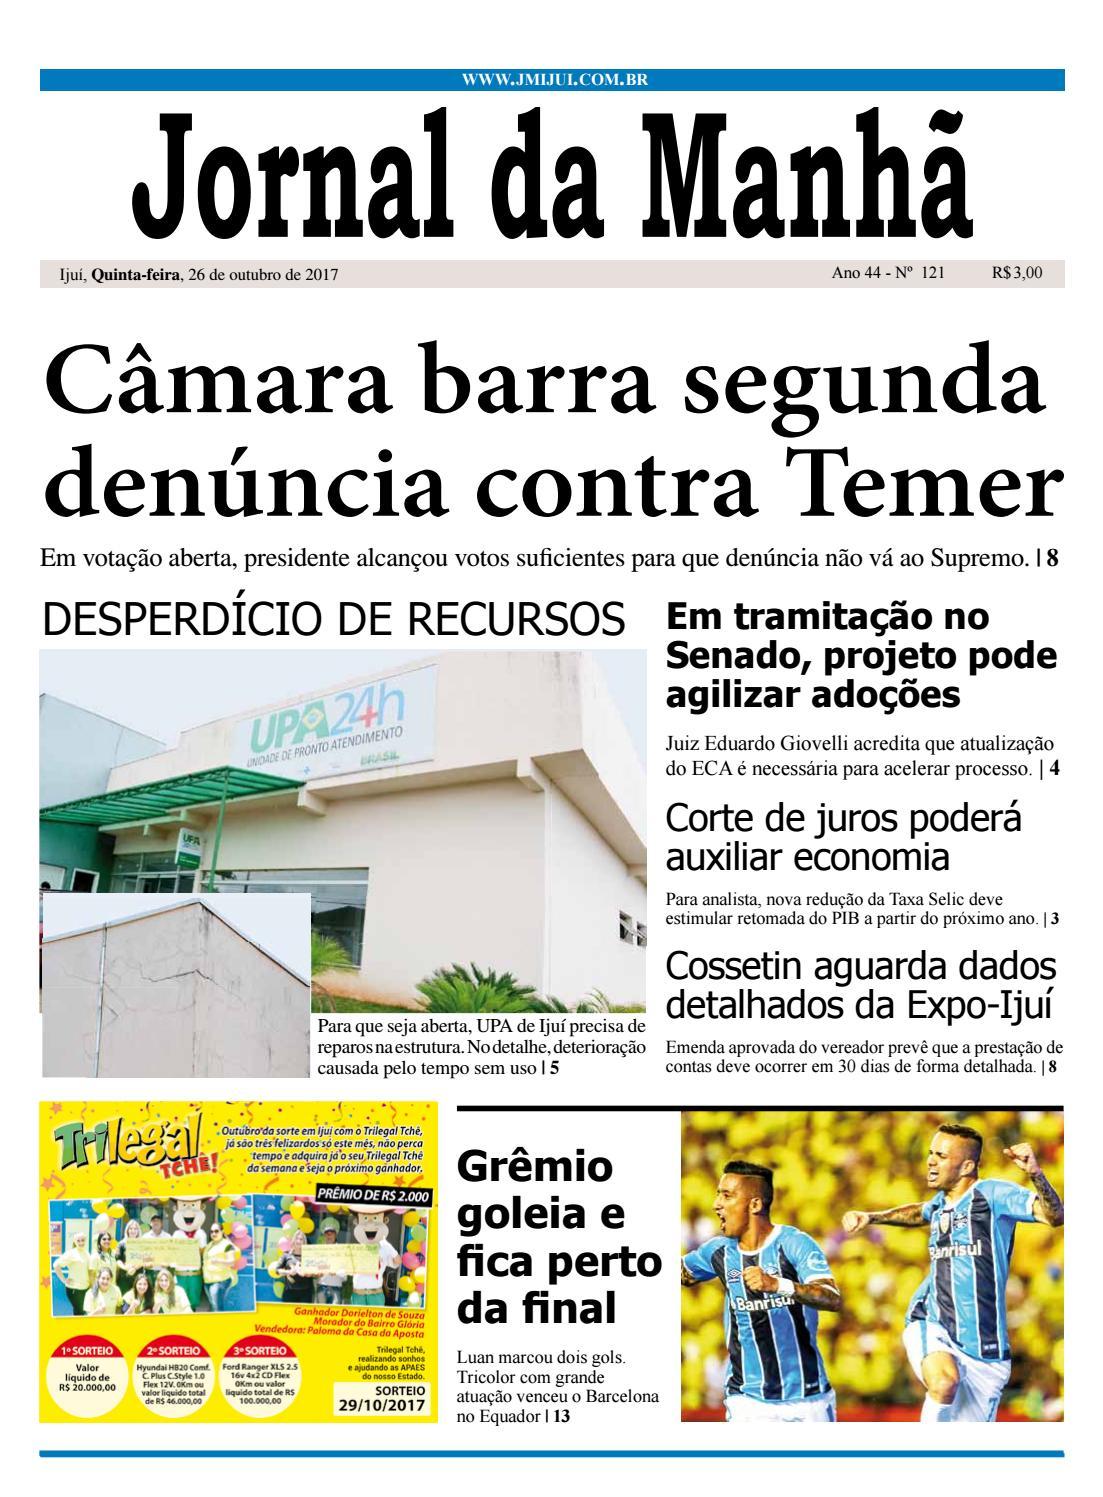 eb81fce7176 Jornal da Manhã - Quinta-feira - 26-10-17 by clicjm - issuu